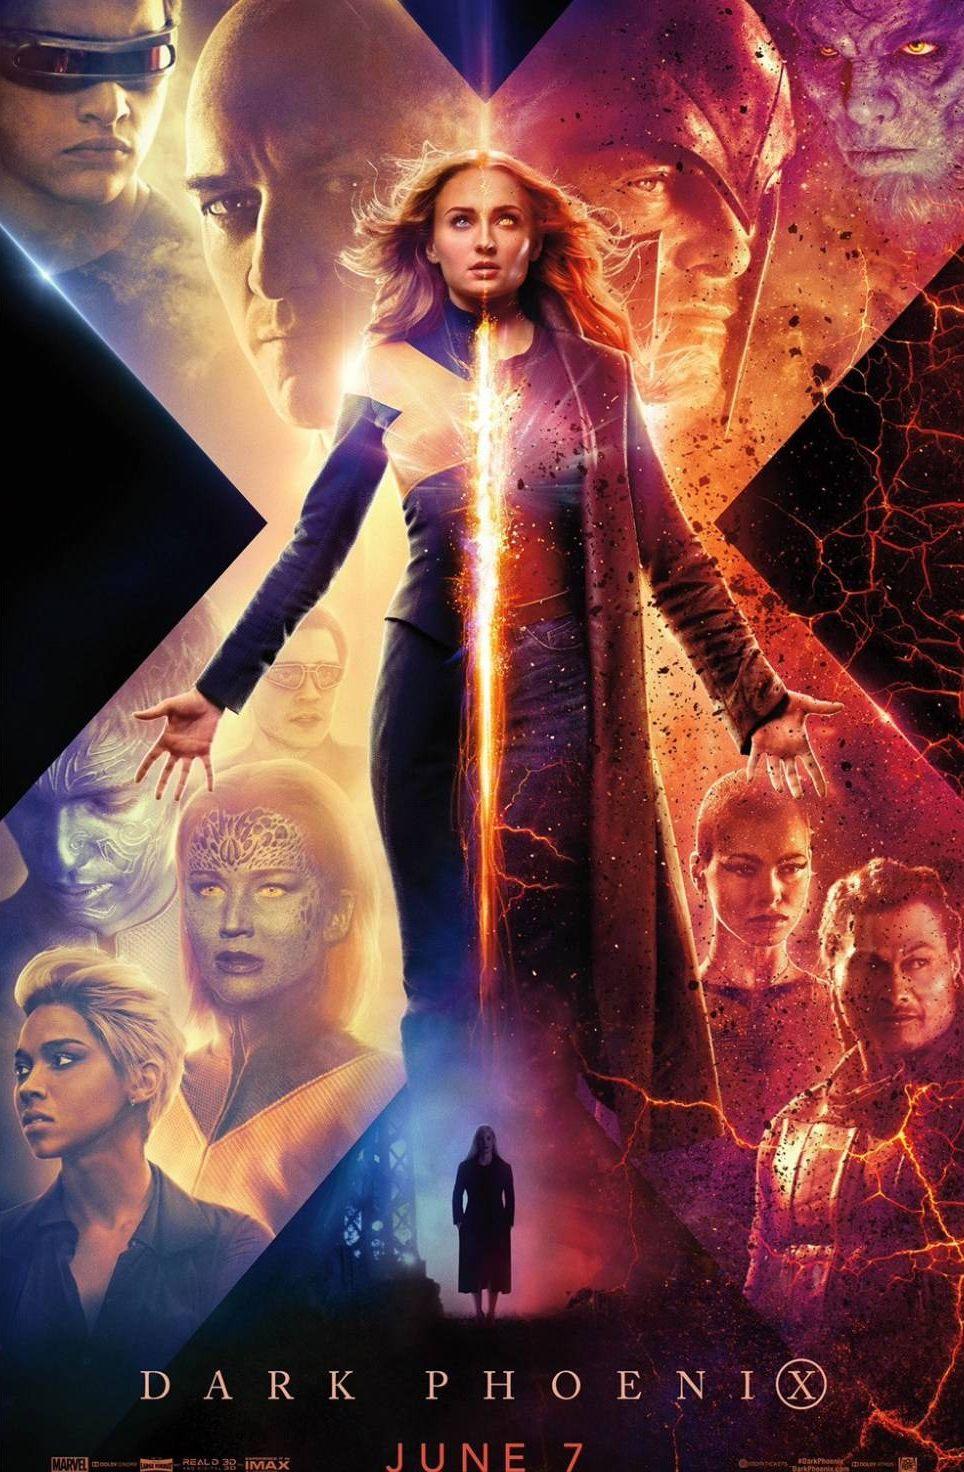 El nuevo afiche de los X-Men presenta a Jean Grey dividida en su lado bueno y Dark Phoenix. (Foto: 20th Century Fox)